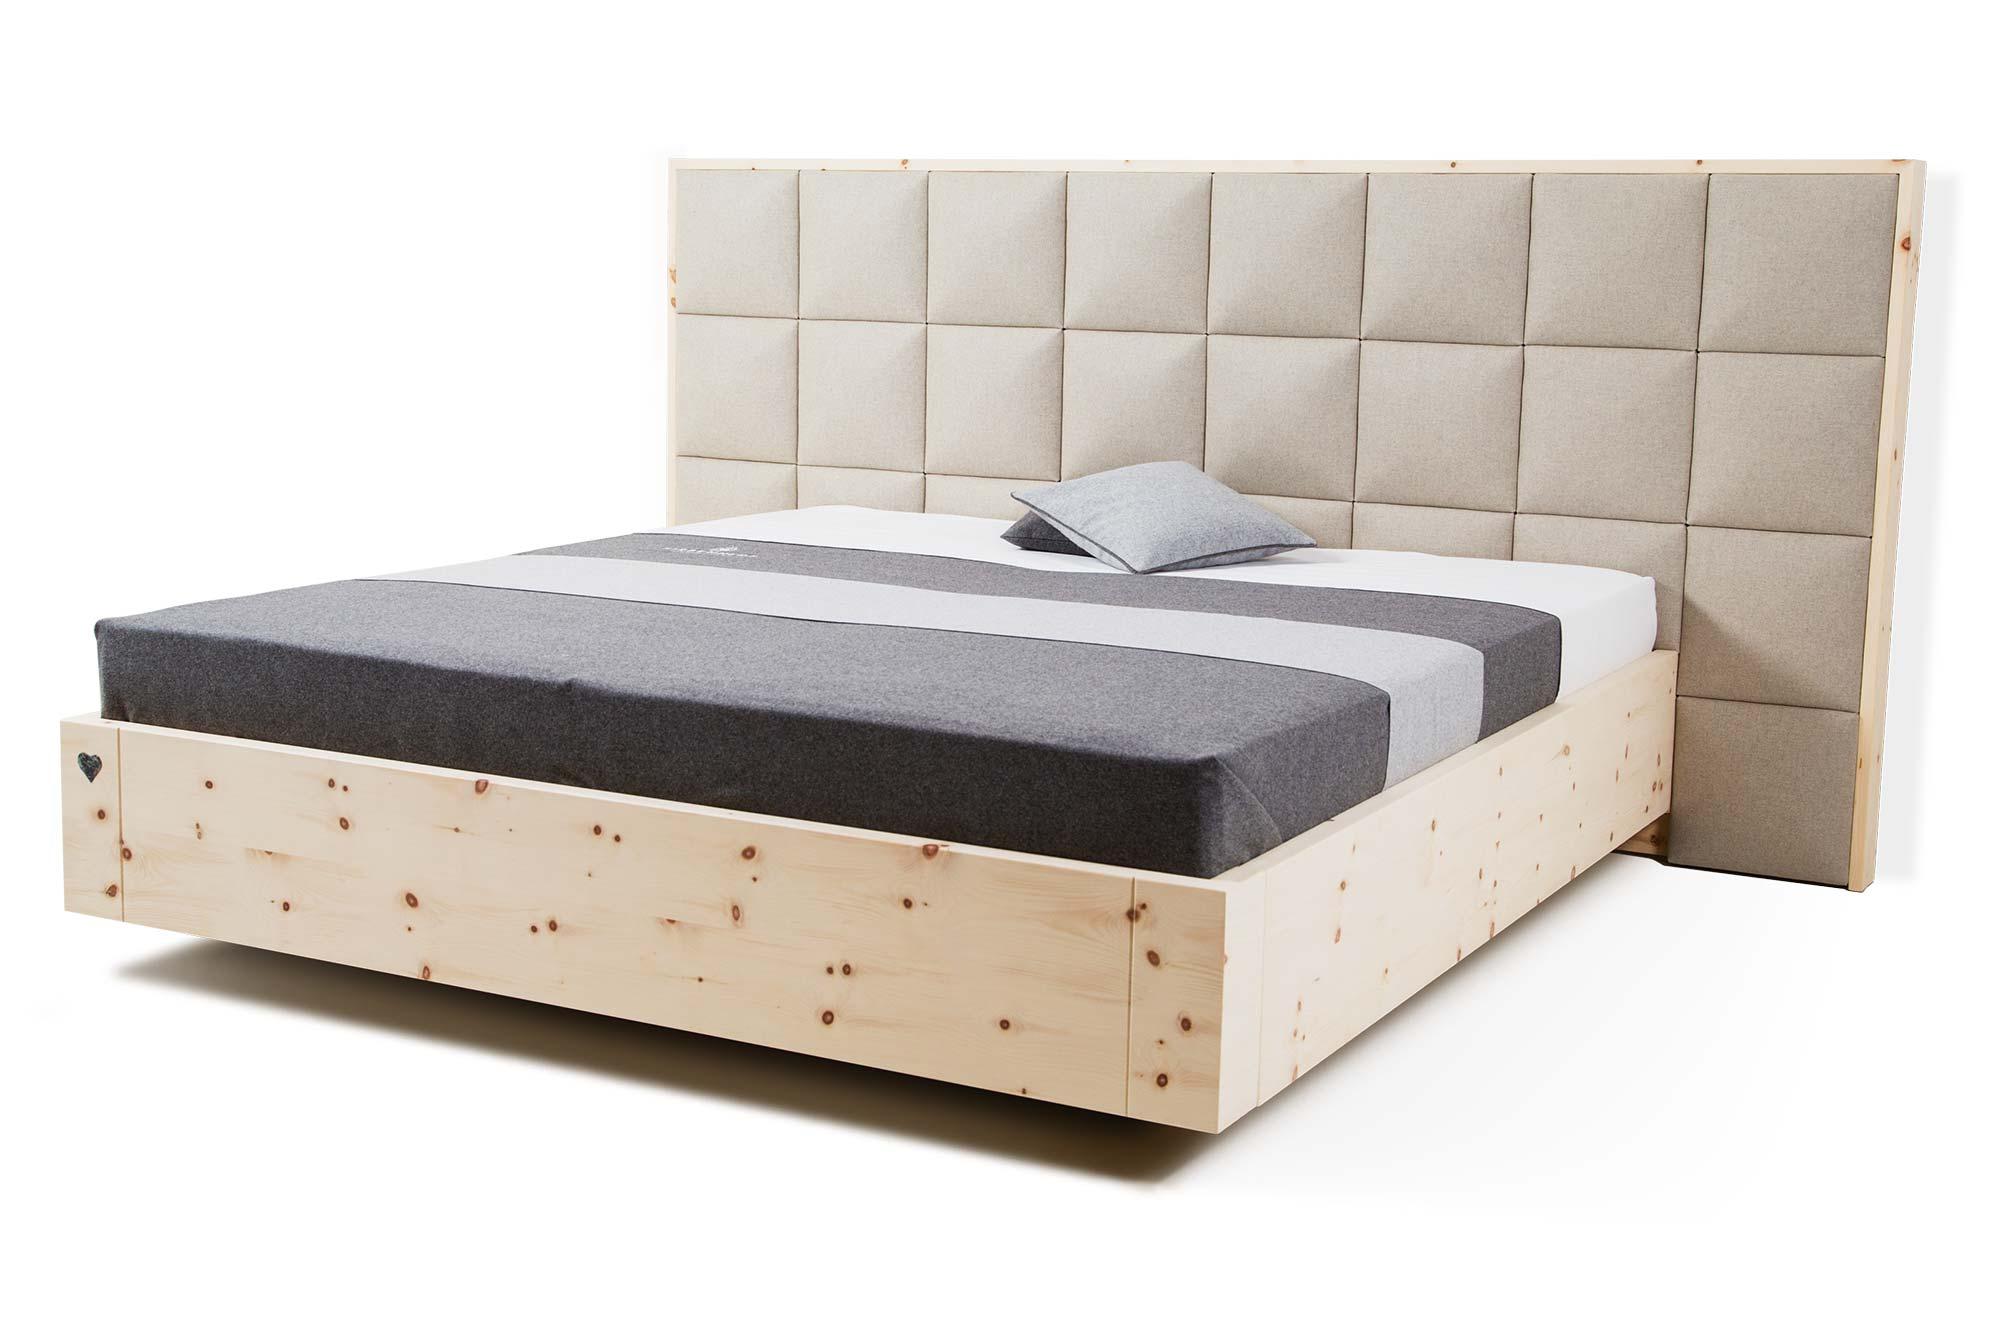 Zirbenbett - Ideal für den gesunden Schlaf ; Copyright: https://www.zirbenherz-bett.com